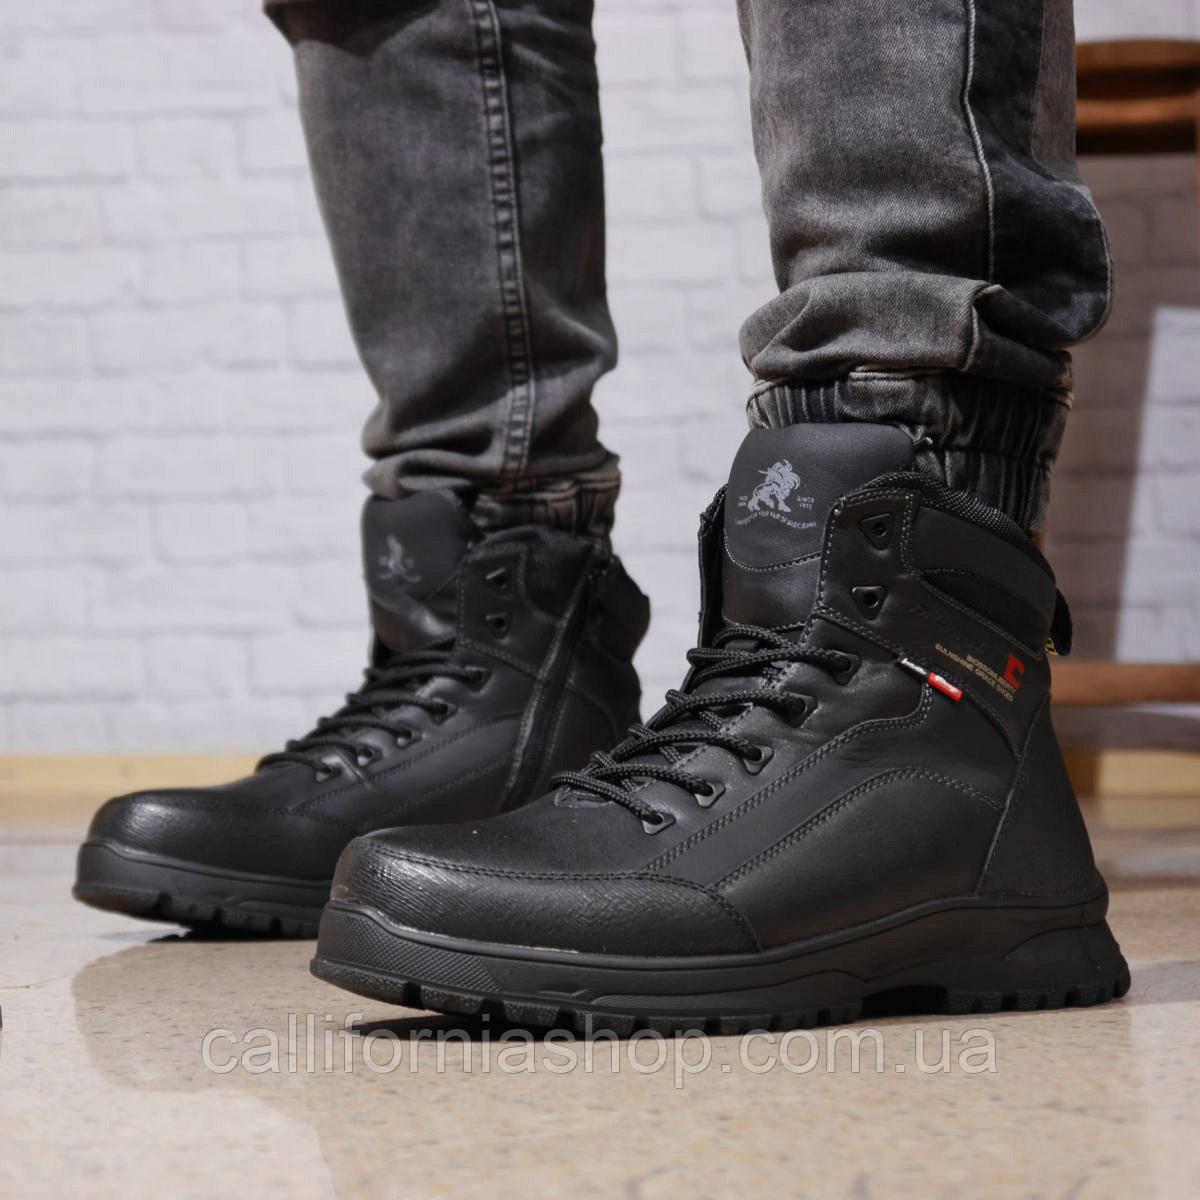 Зимние мужские ботинки черные на меху кожаные